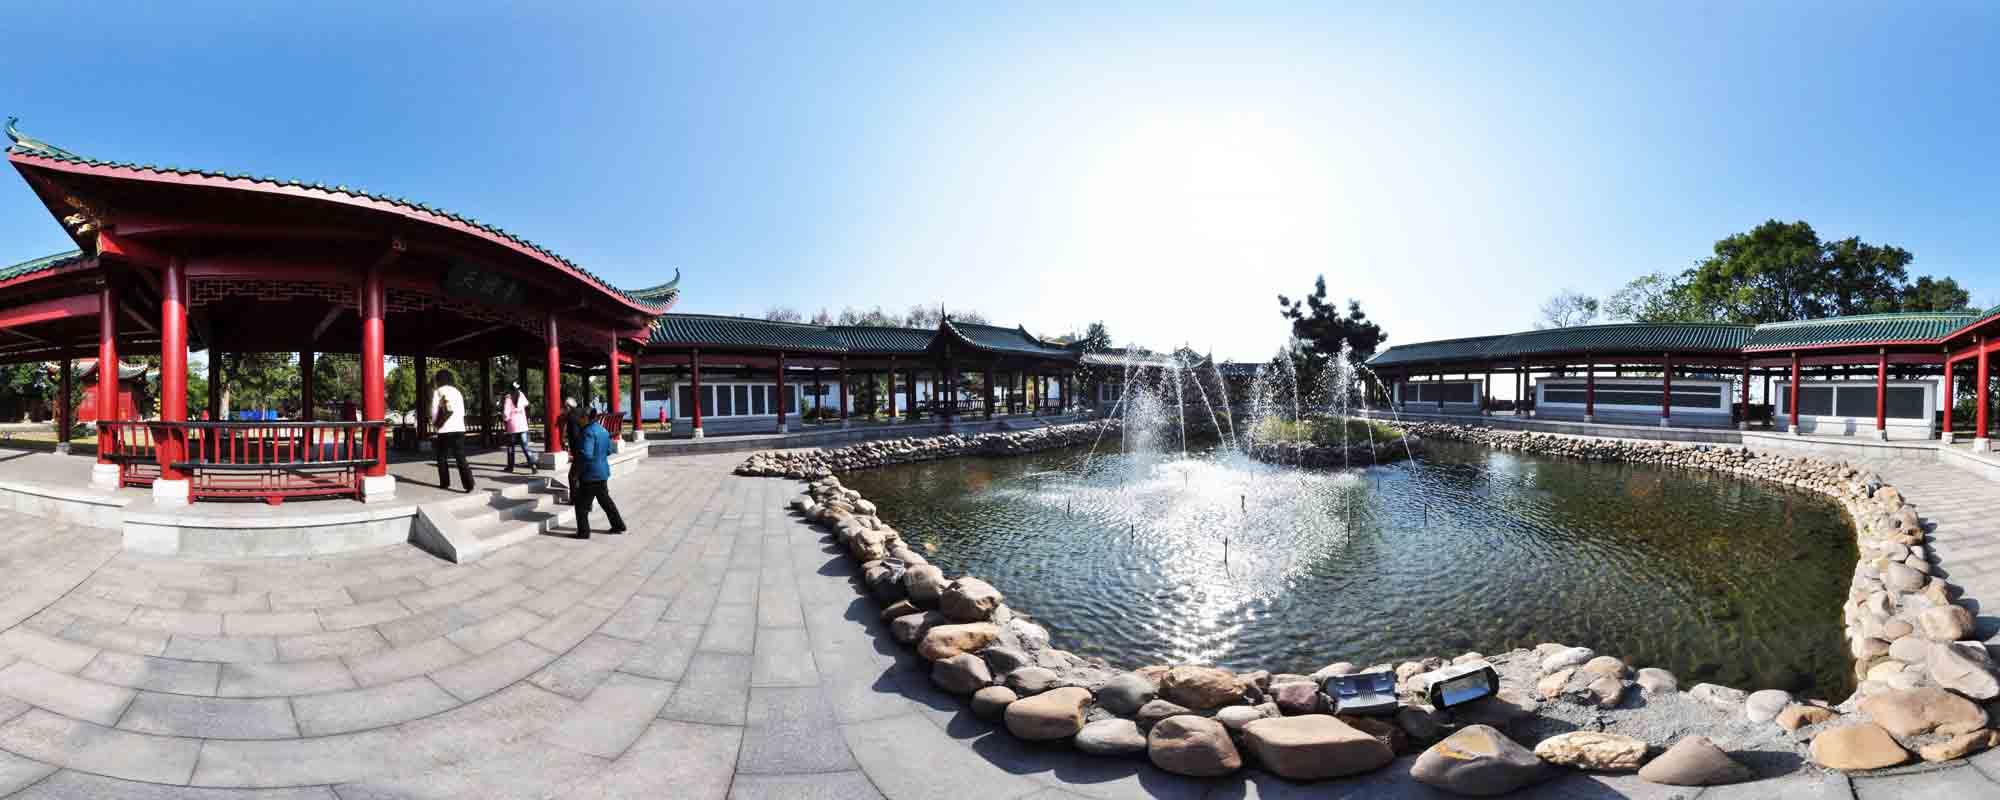 张家界虚拟旅游